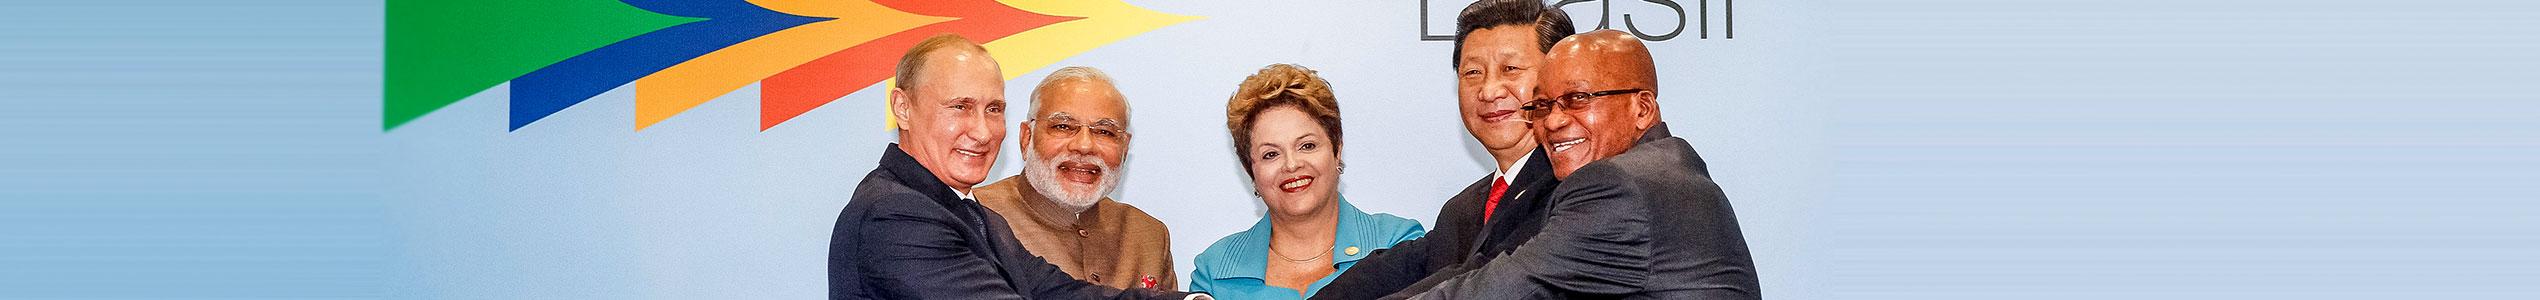 צילום: אתר הוועידה